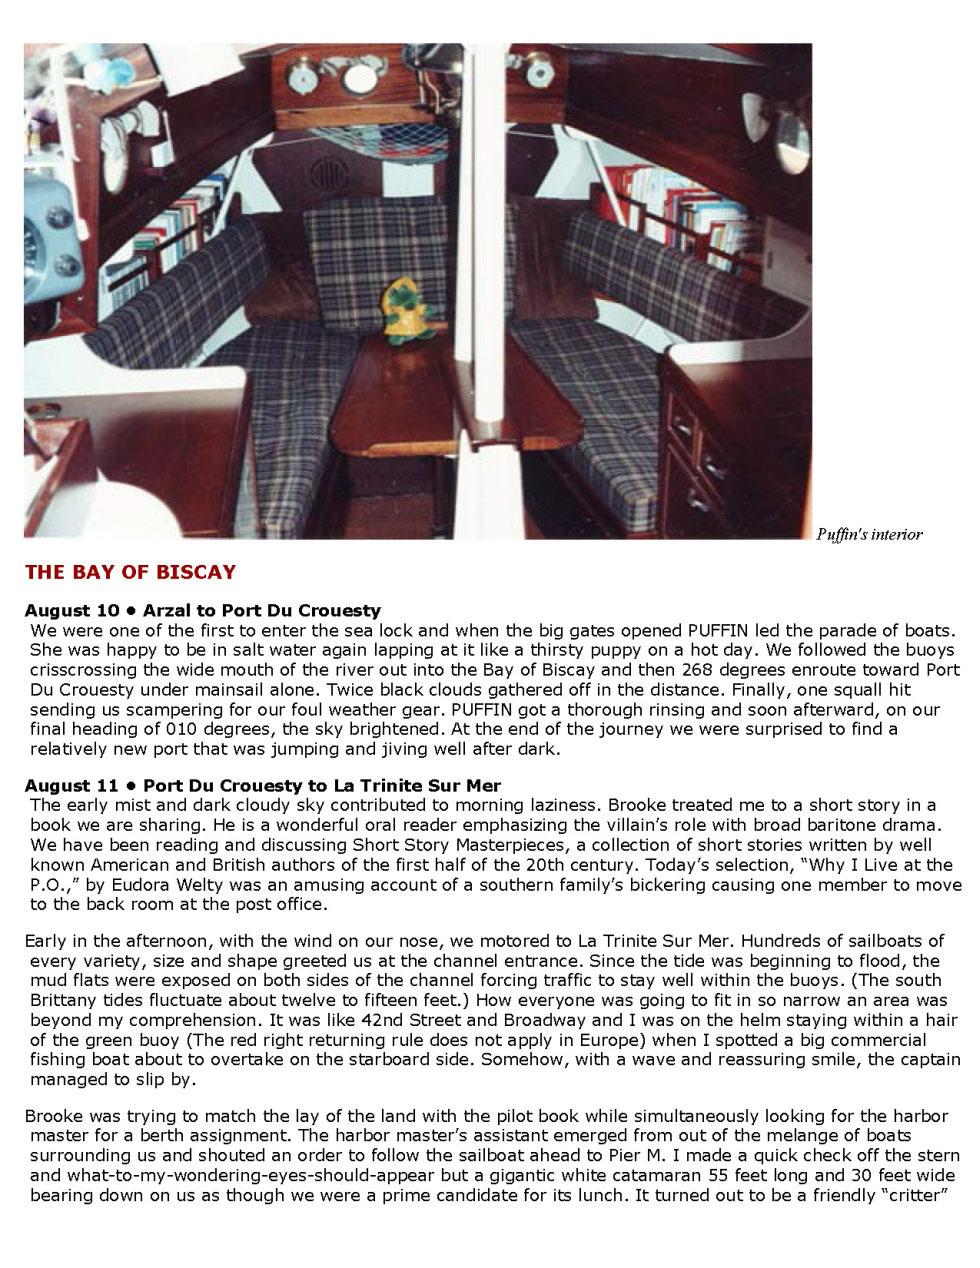 Narrative1994part2_Page_09